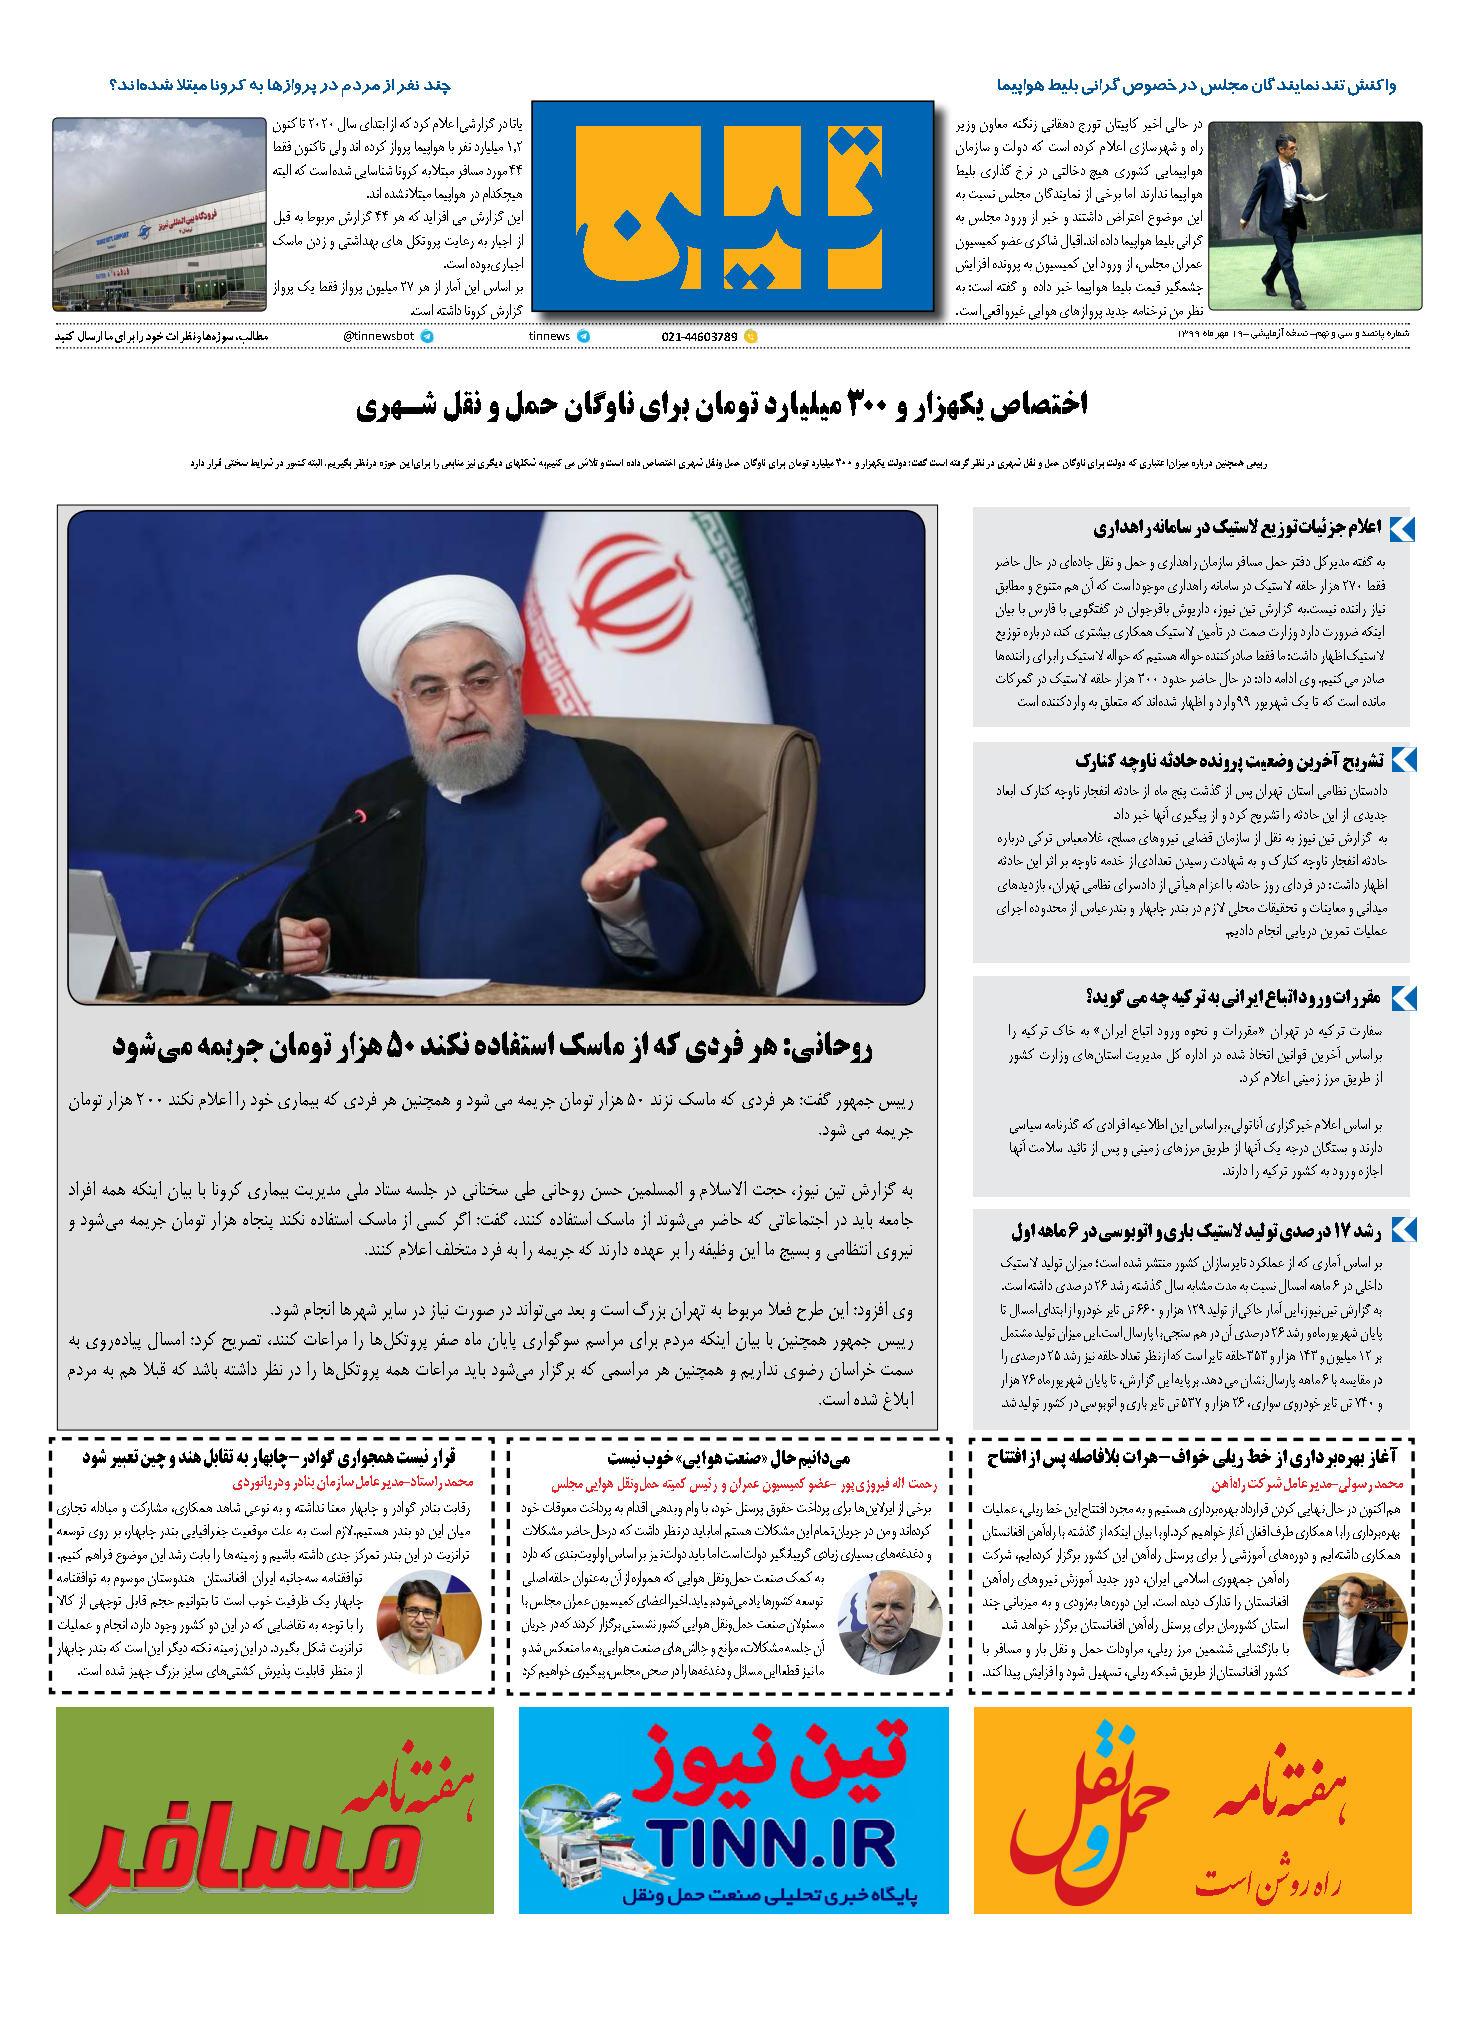 روزنامه الکترونیک 19 مهر ماه 99